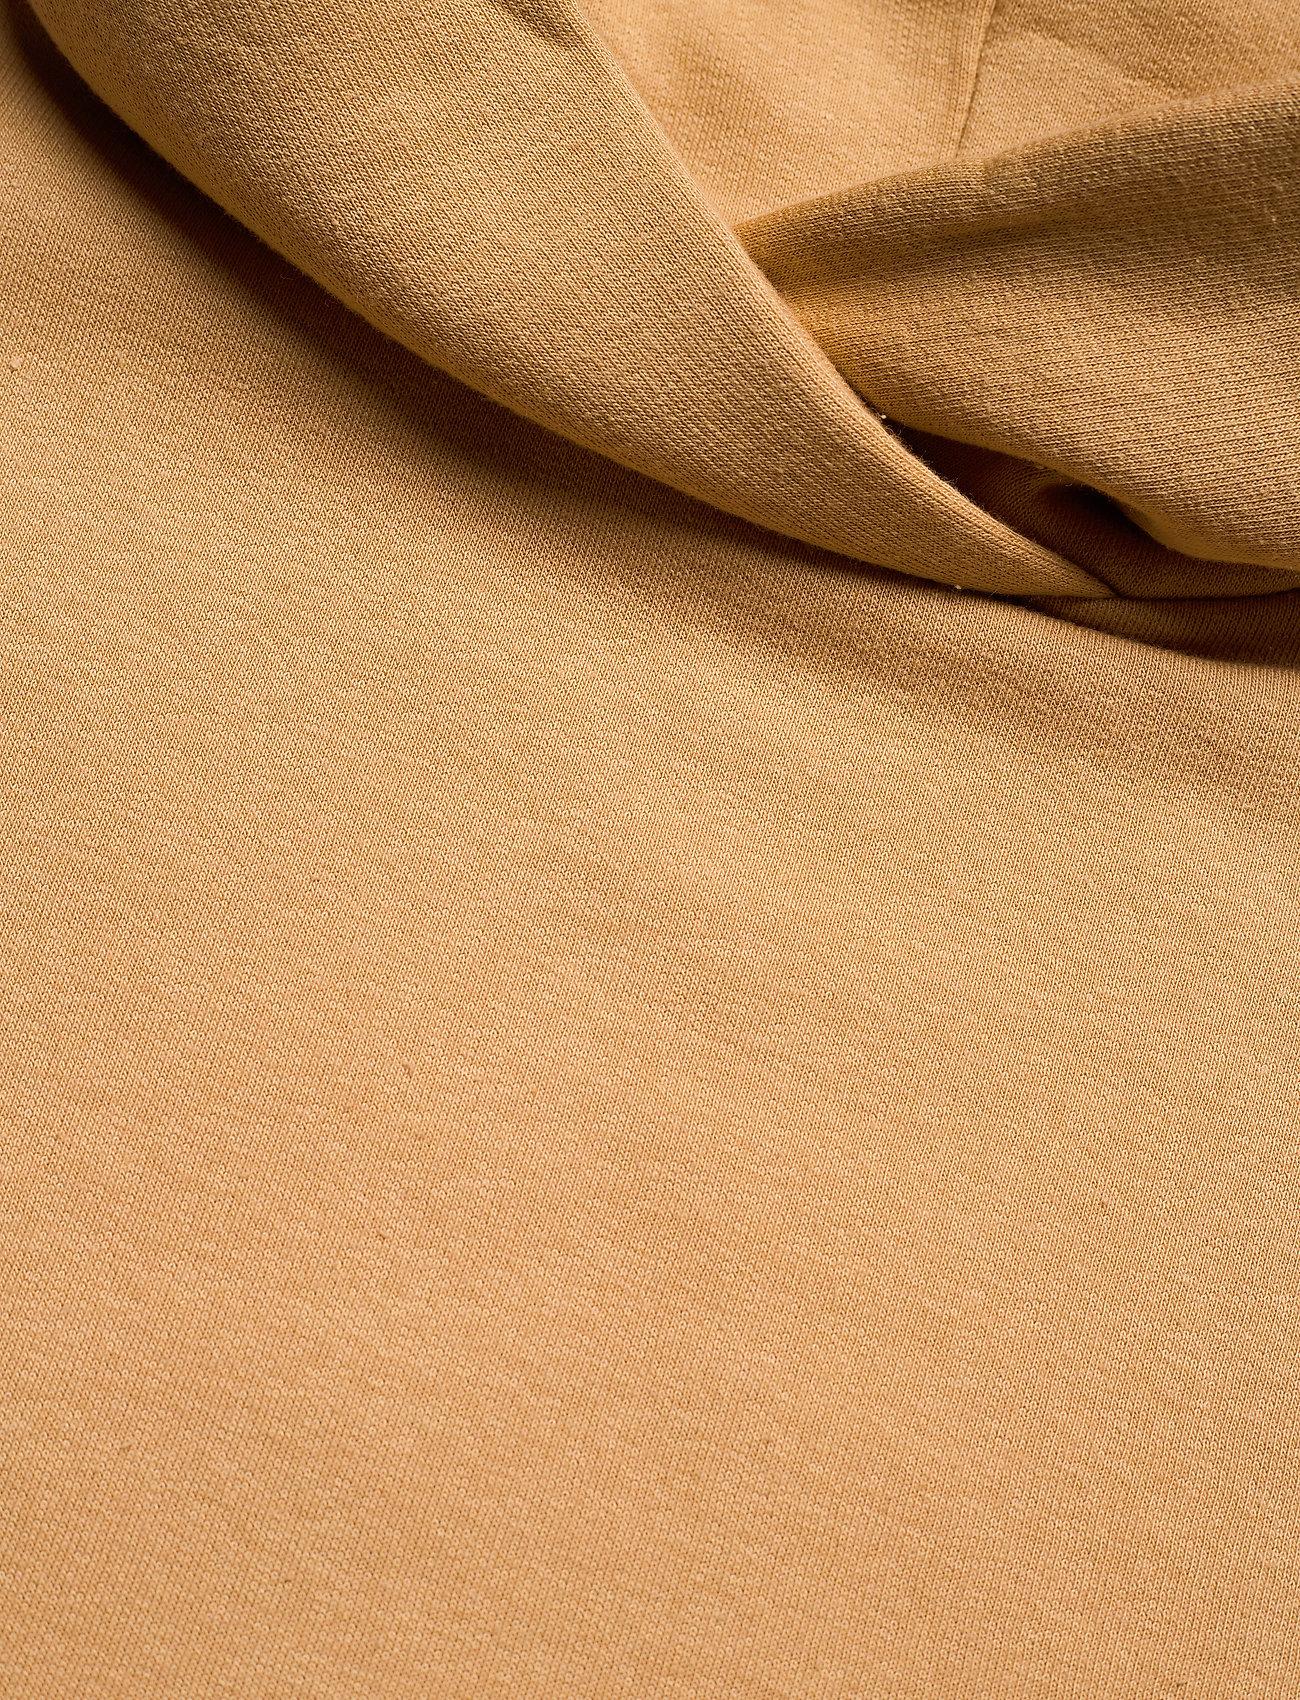 RODEBJER - RODEBJER MARQUESSA - sweatshirts & hættetrøjer - camel - 2